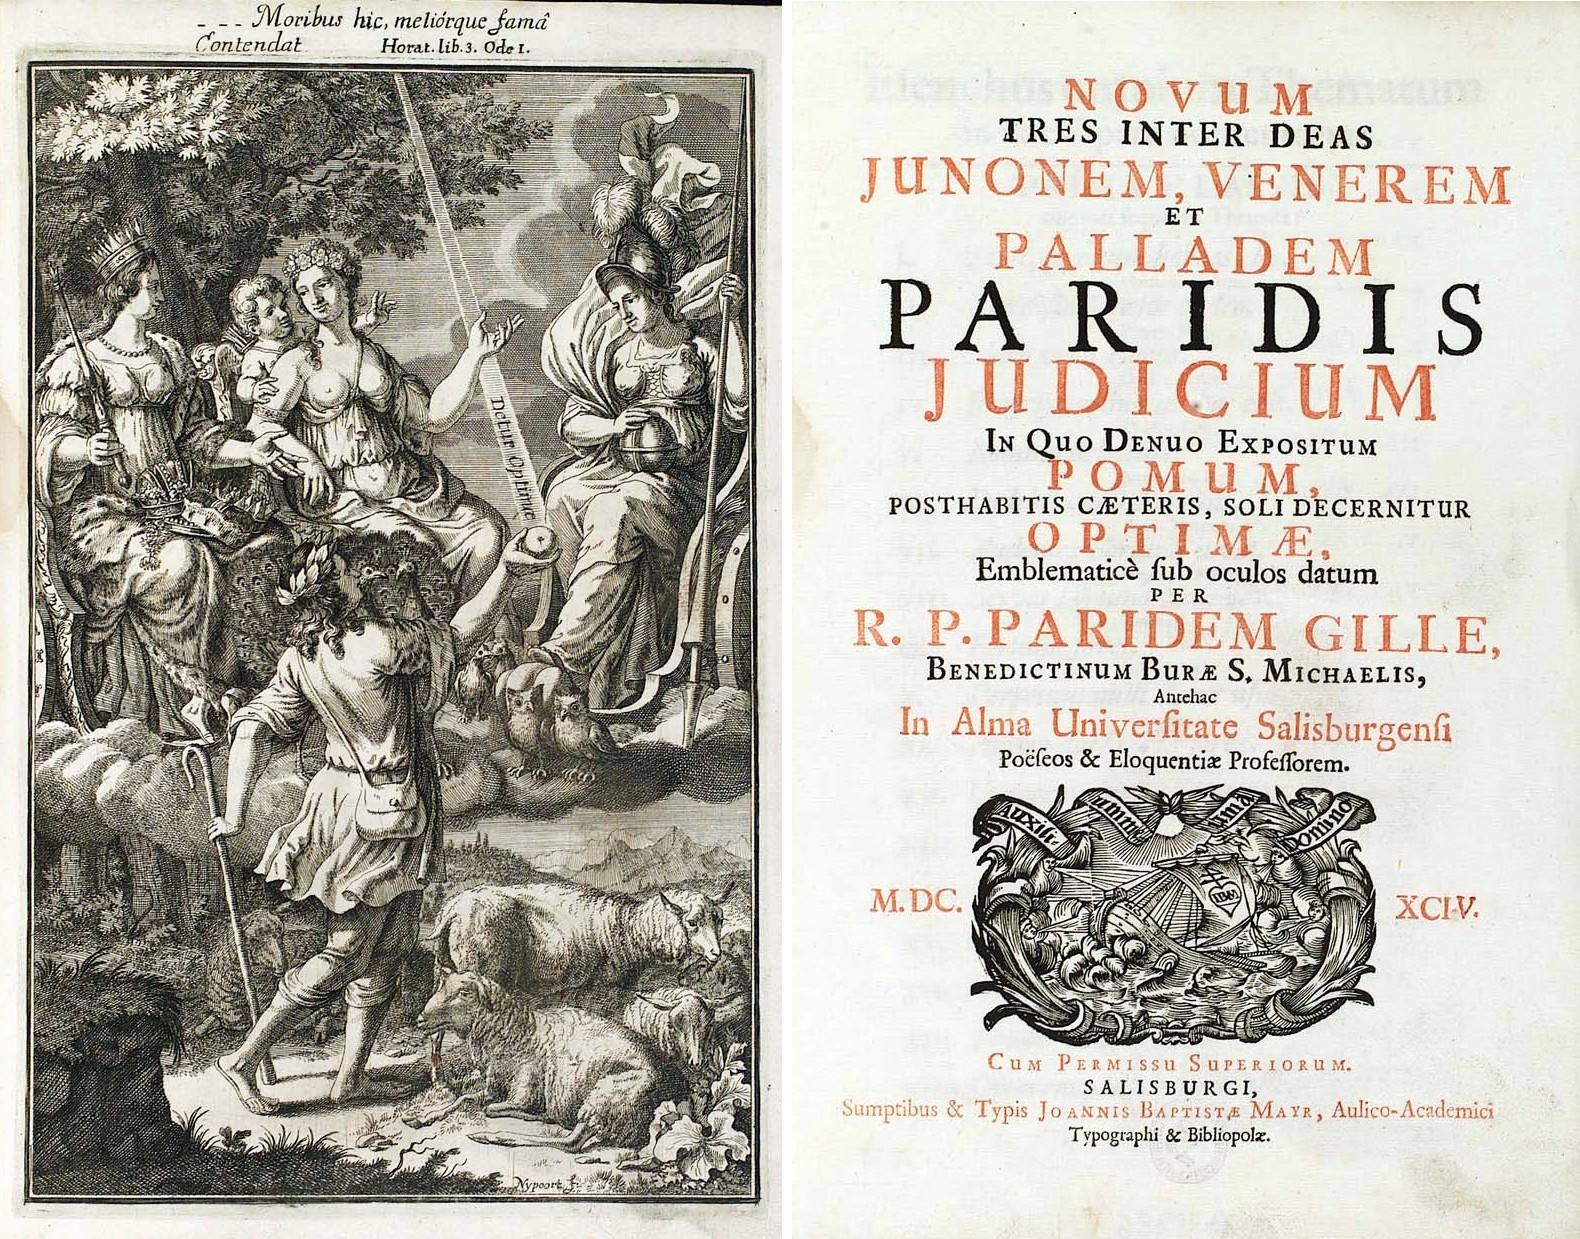 File:Paridis Judicium 1694 Titelseiten.jpg